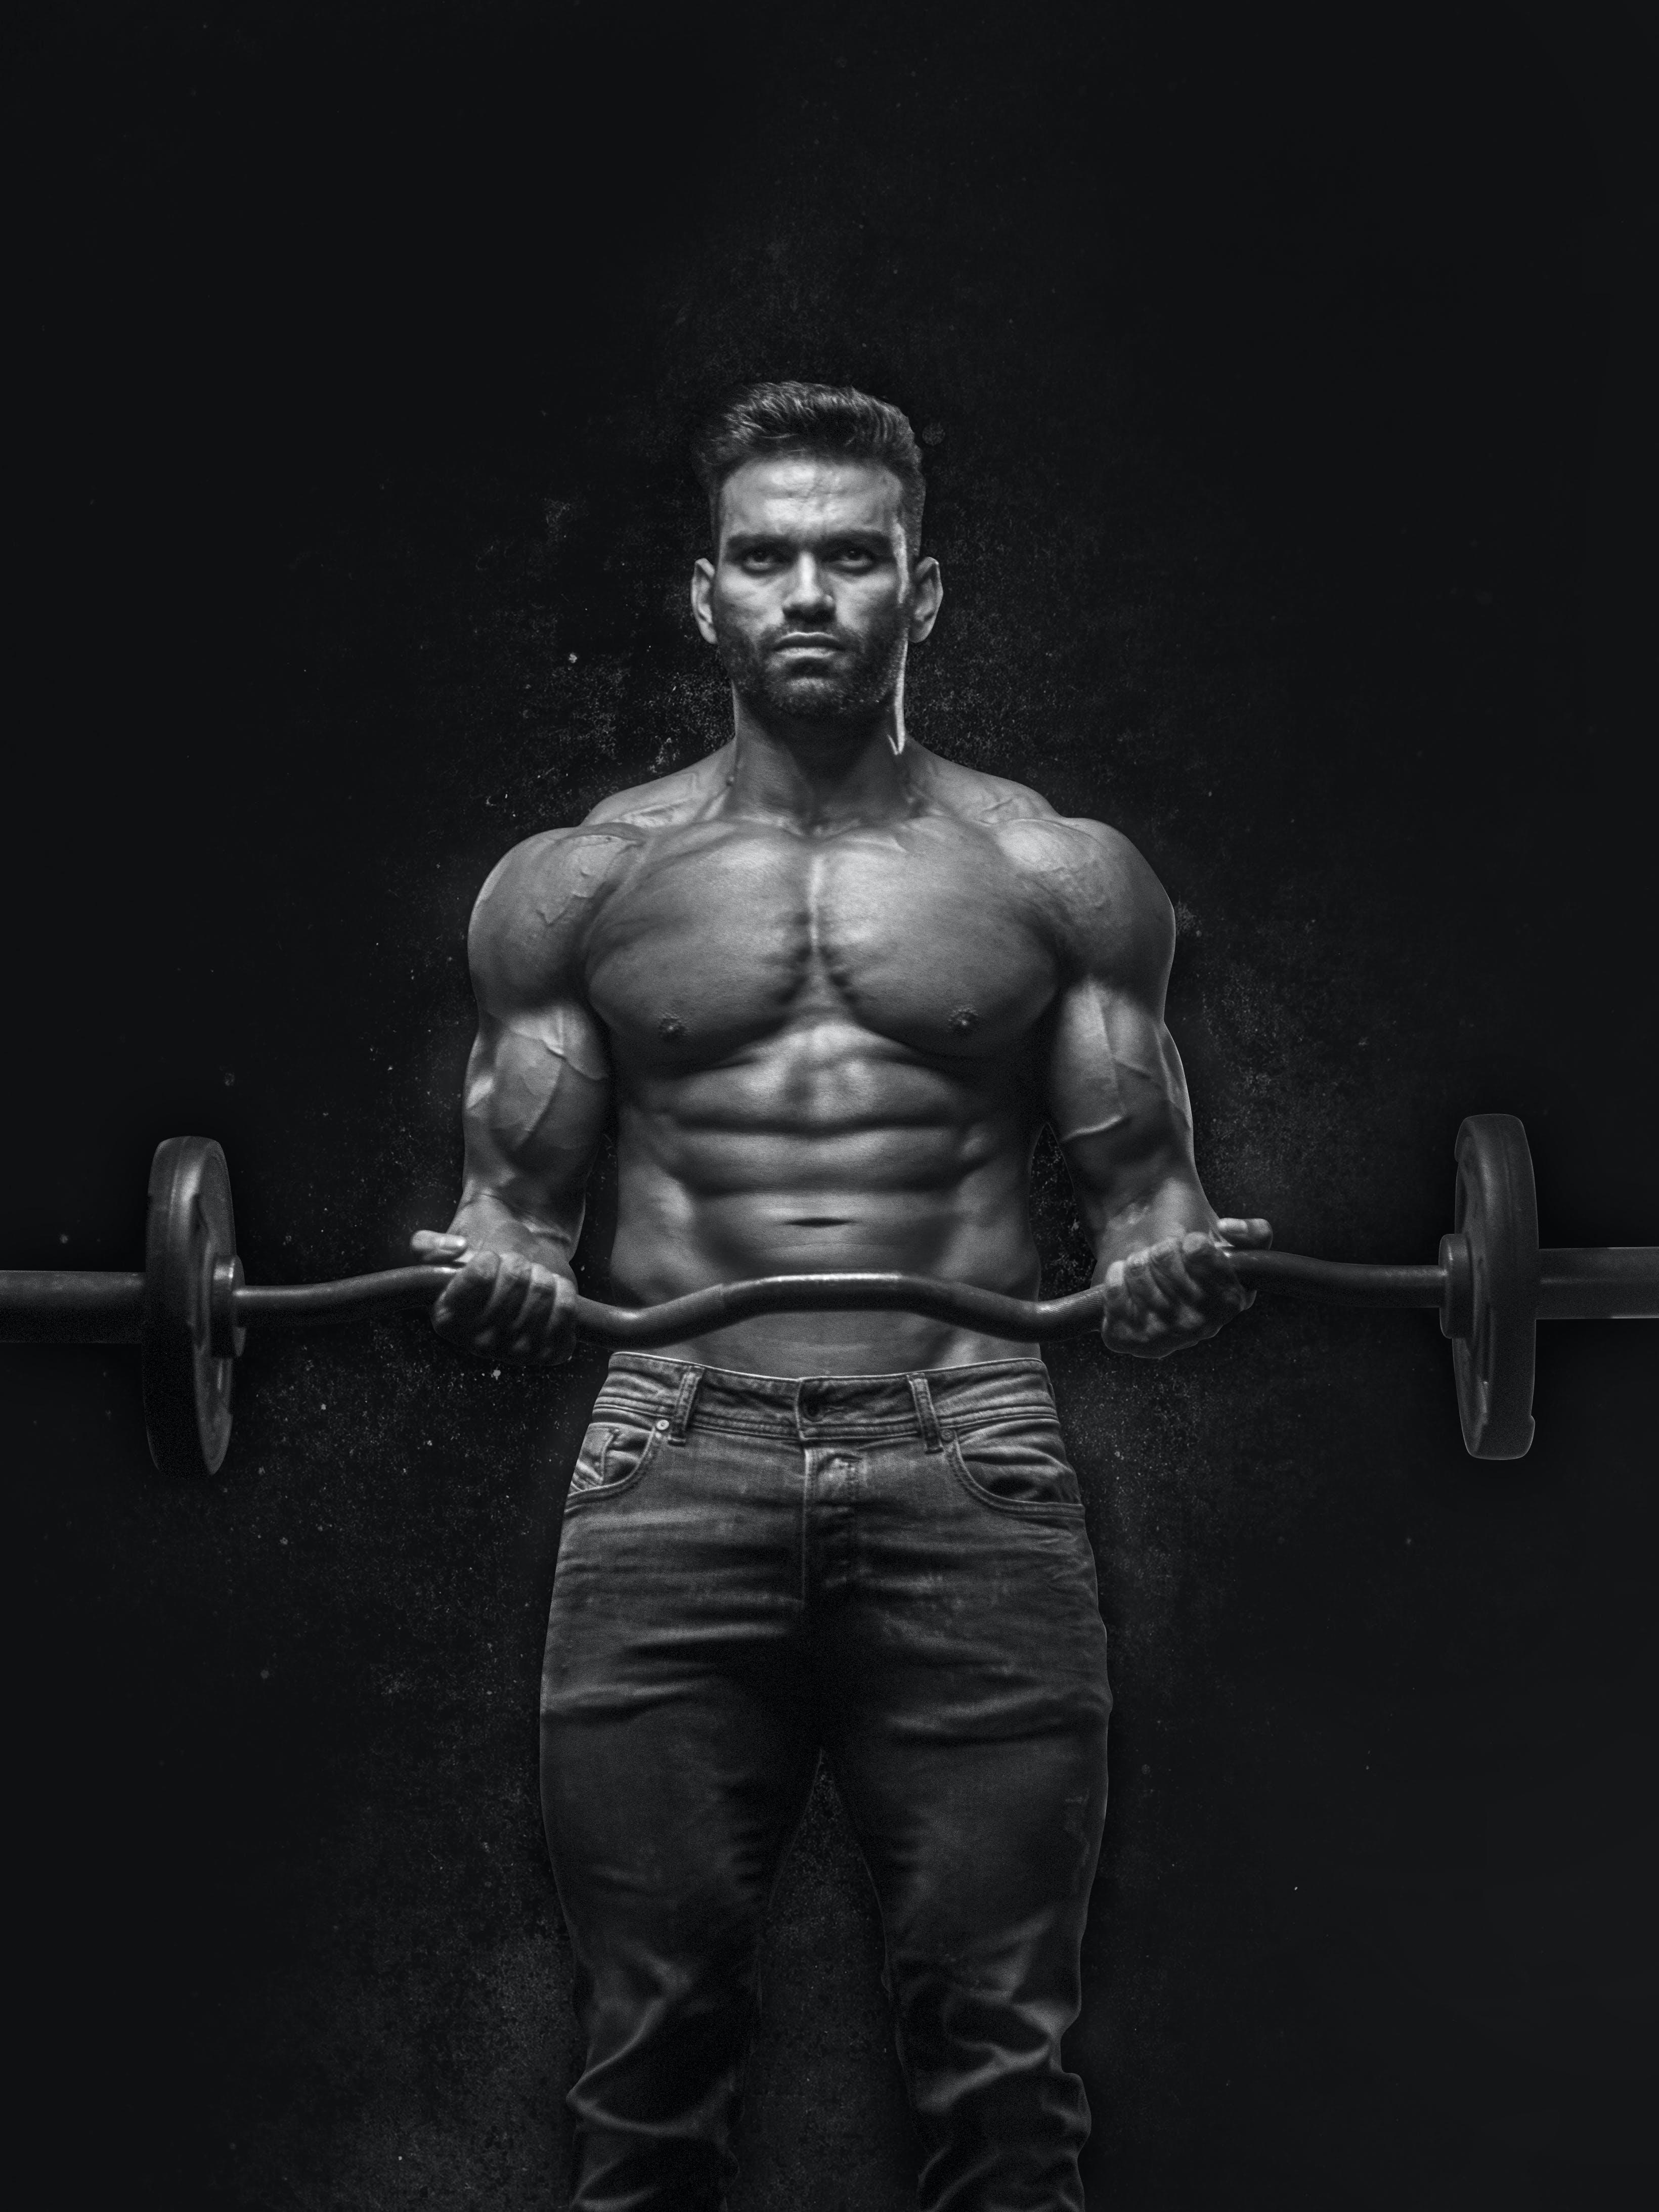 Δωρεάν στοκ φωτογραφιών με abs, body building, bodybuilder, bodybuilding